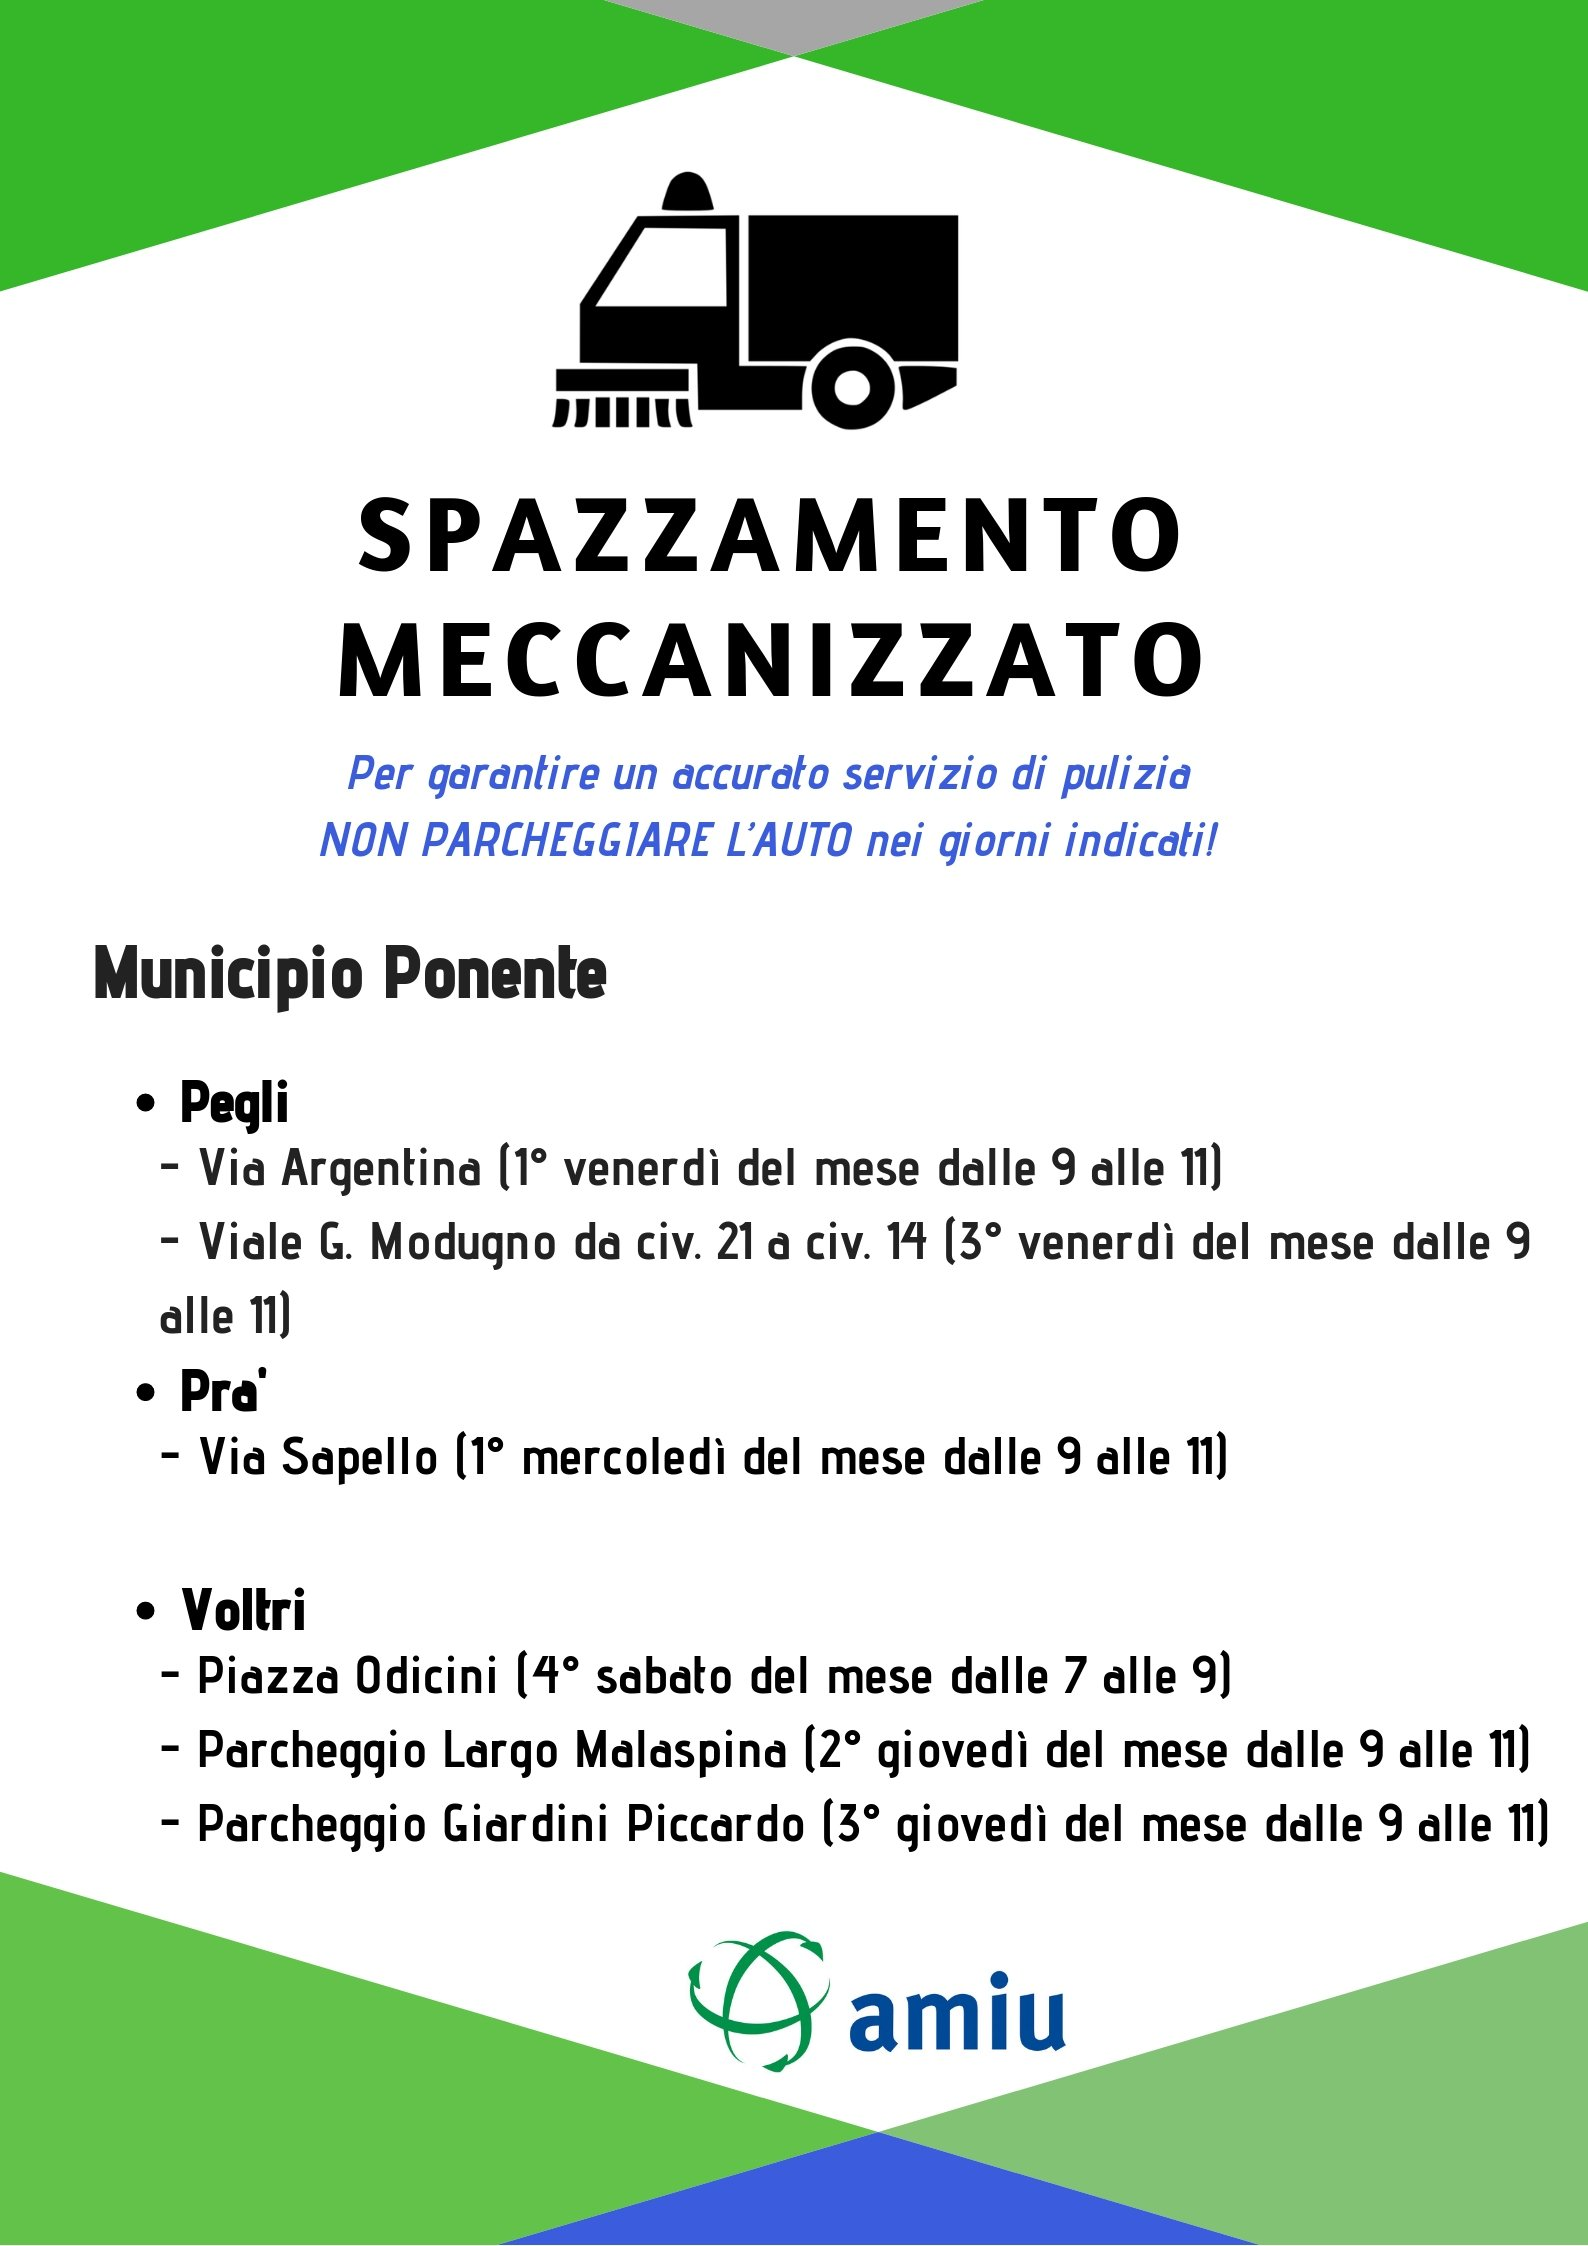 Calendario Pulizie.Pulizia Tombini E Spazzamento Meccanizzato Amiu Genova